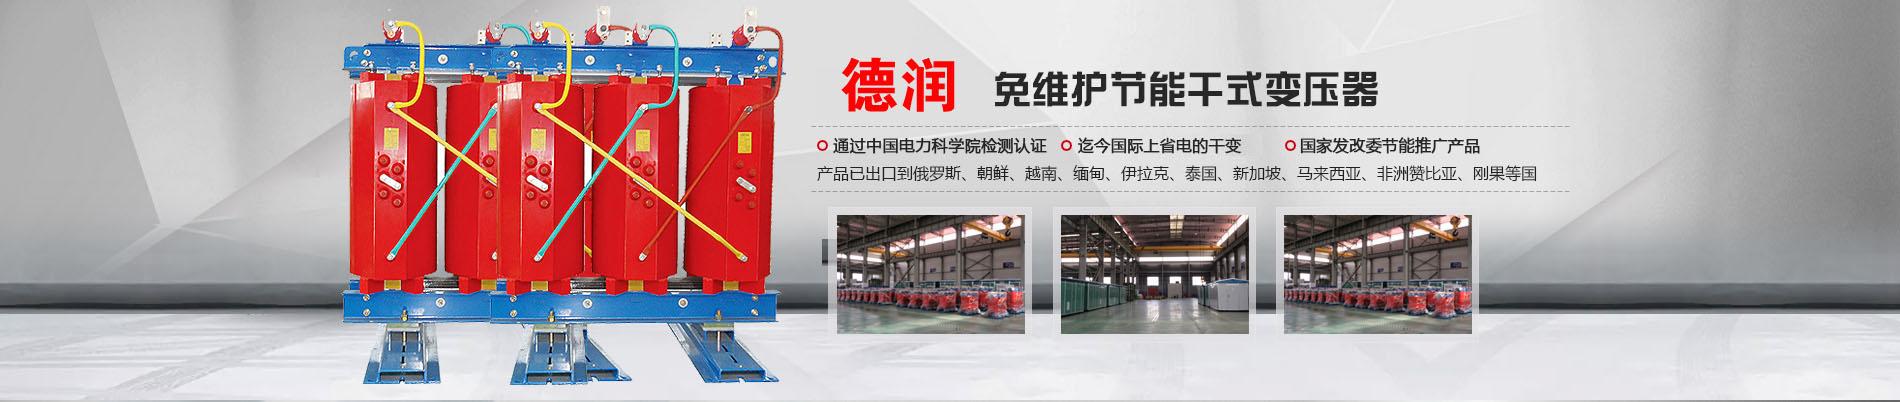 扬州干式变压器厂家